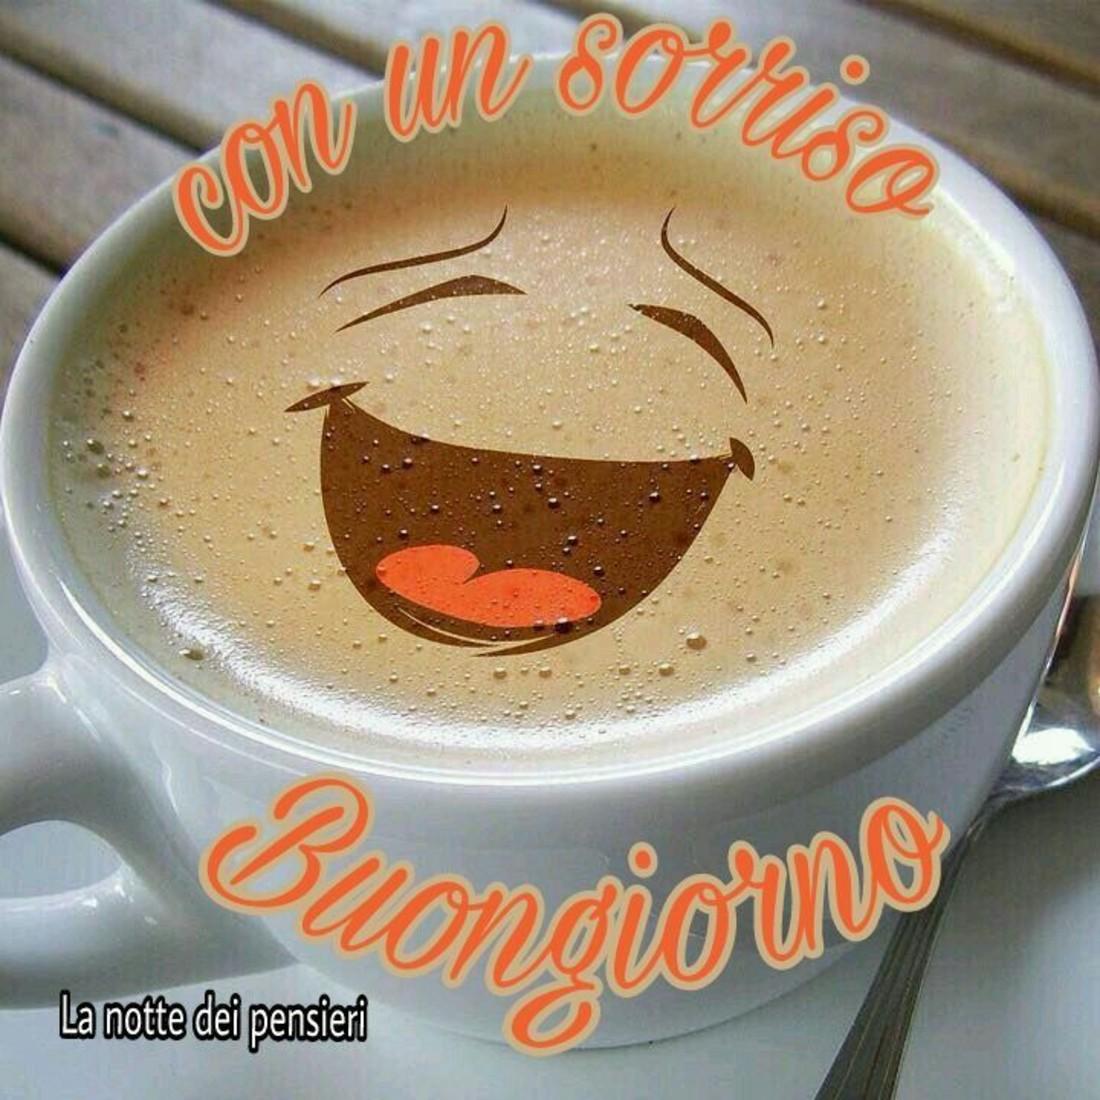 Buongiorno Lunedì Immagini Gratis Immaginibuongiornoinfo